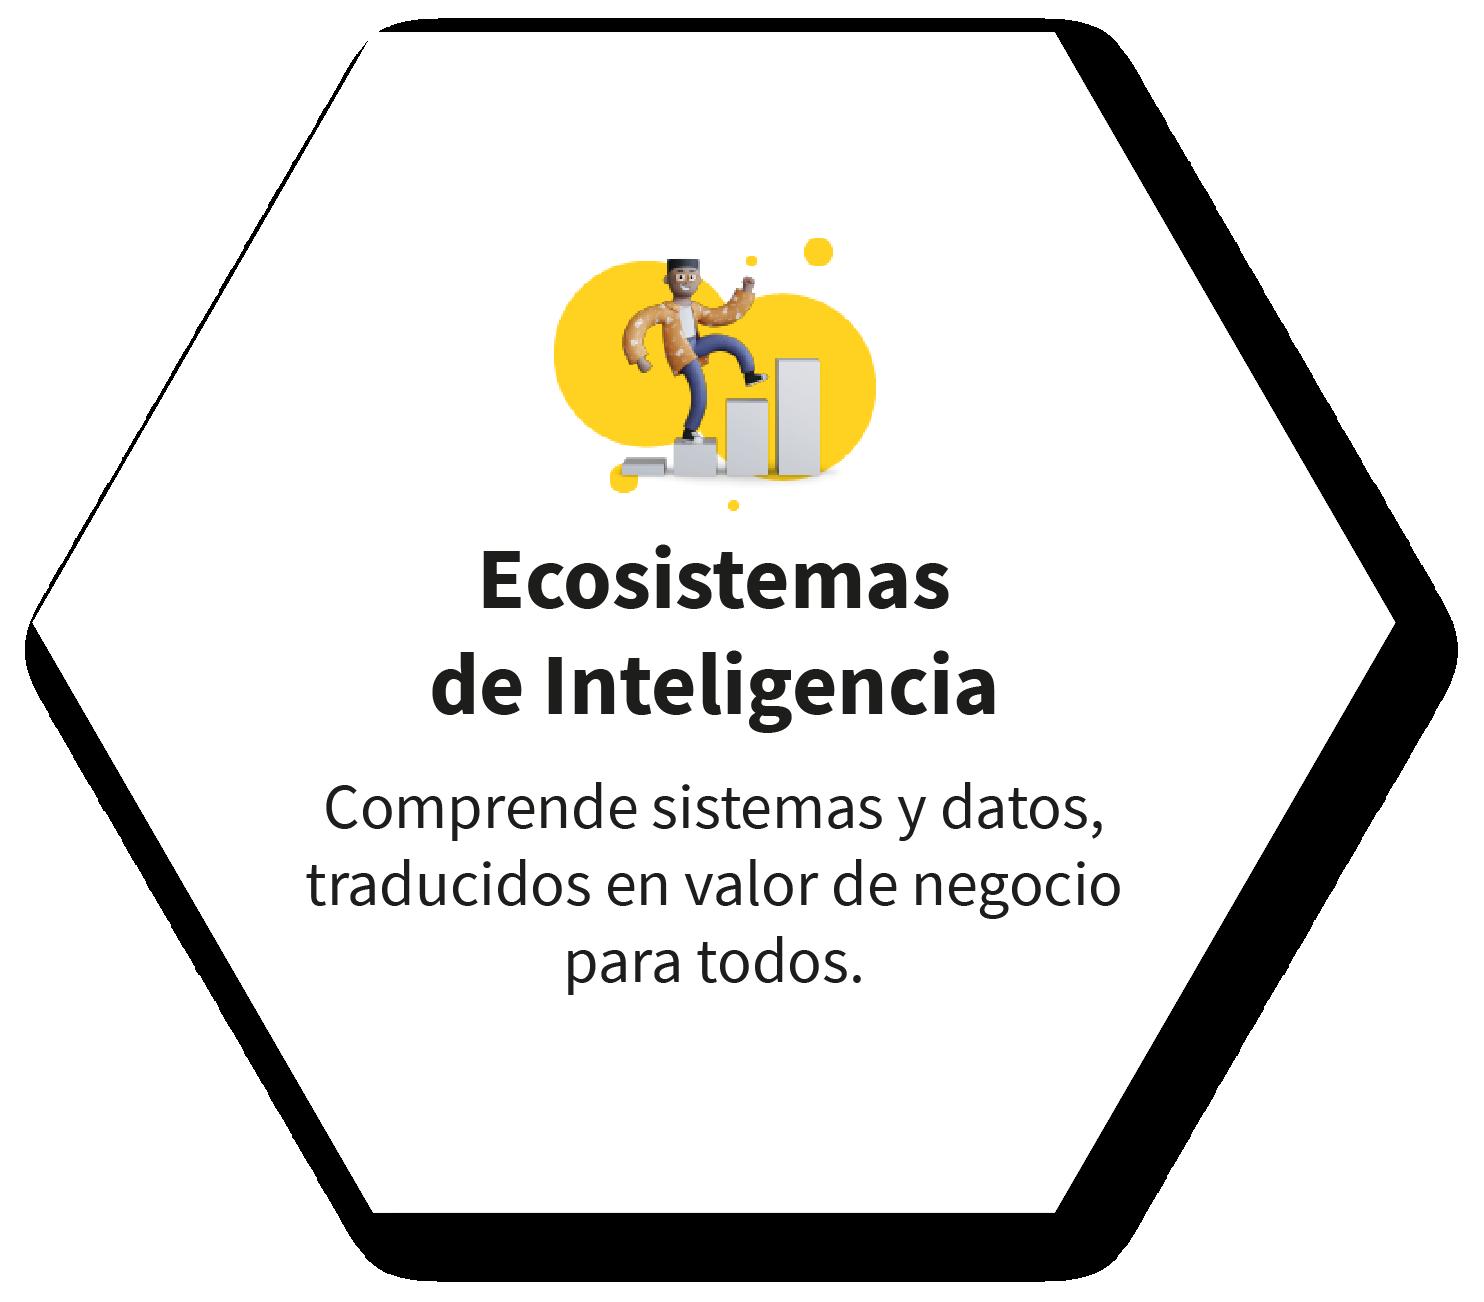 Ecosistemas de Inteligencia